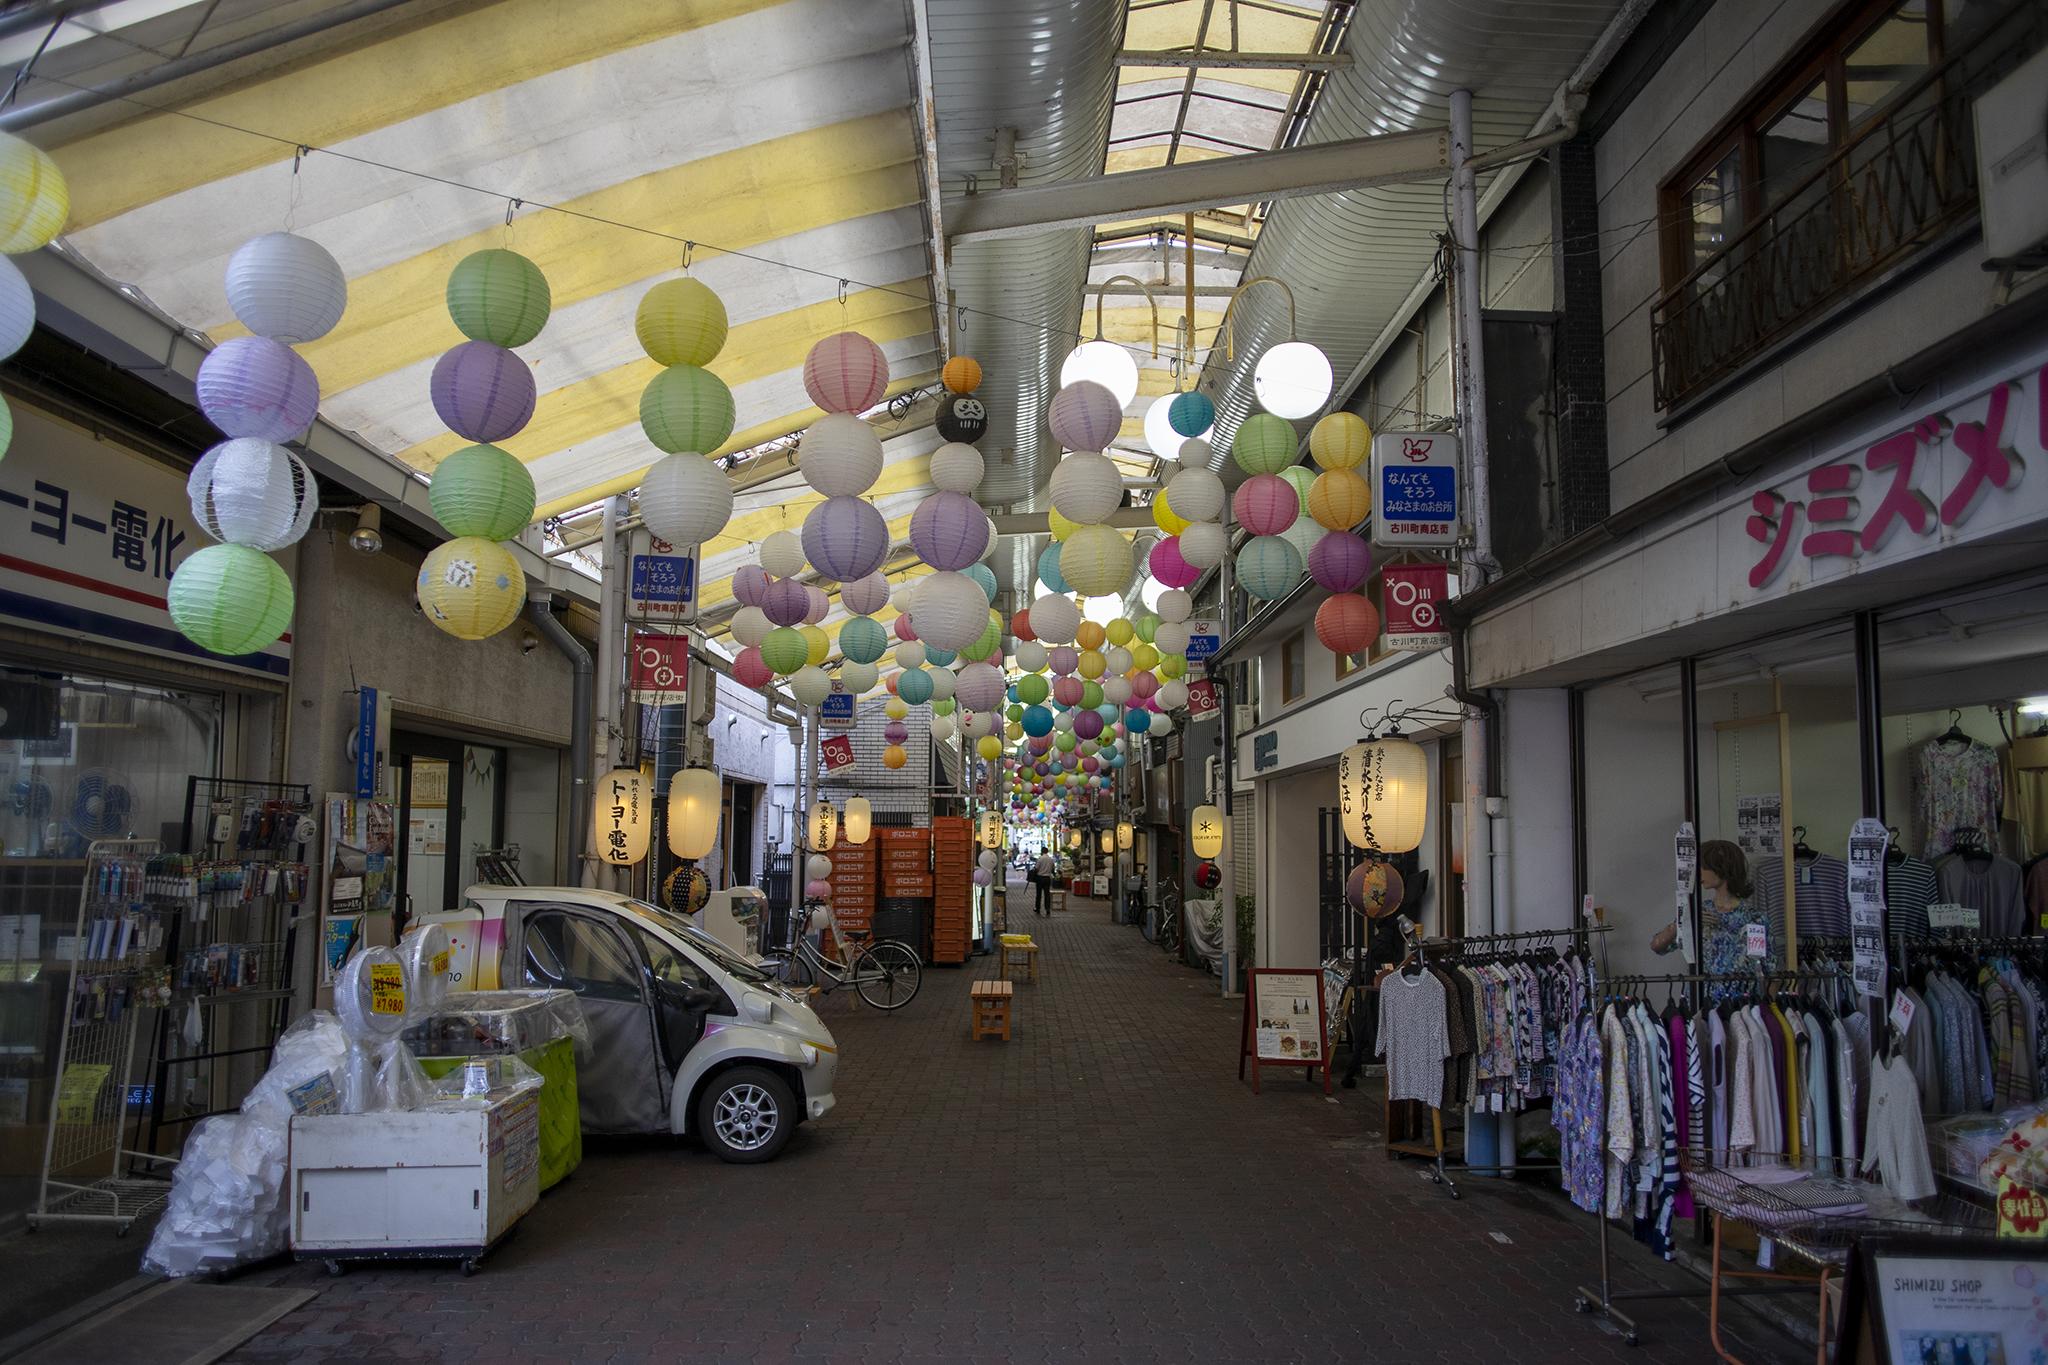 雨の日の京都観光はアーケードで!「古川町商店街」編